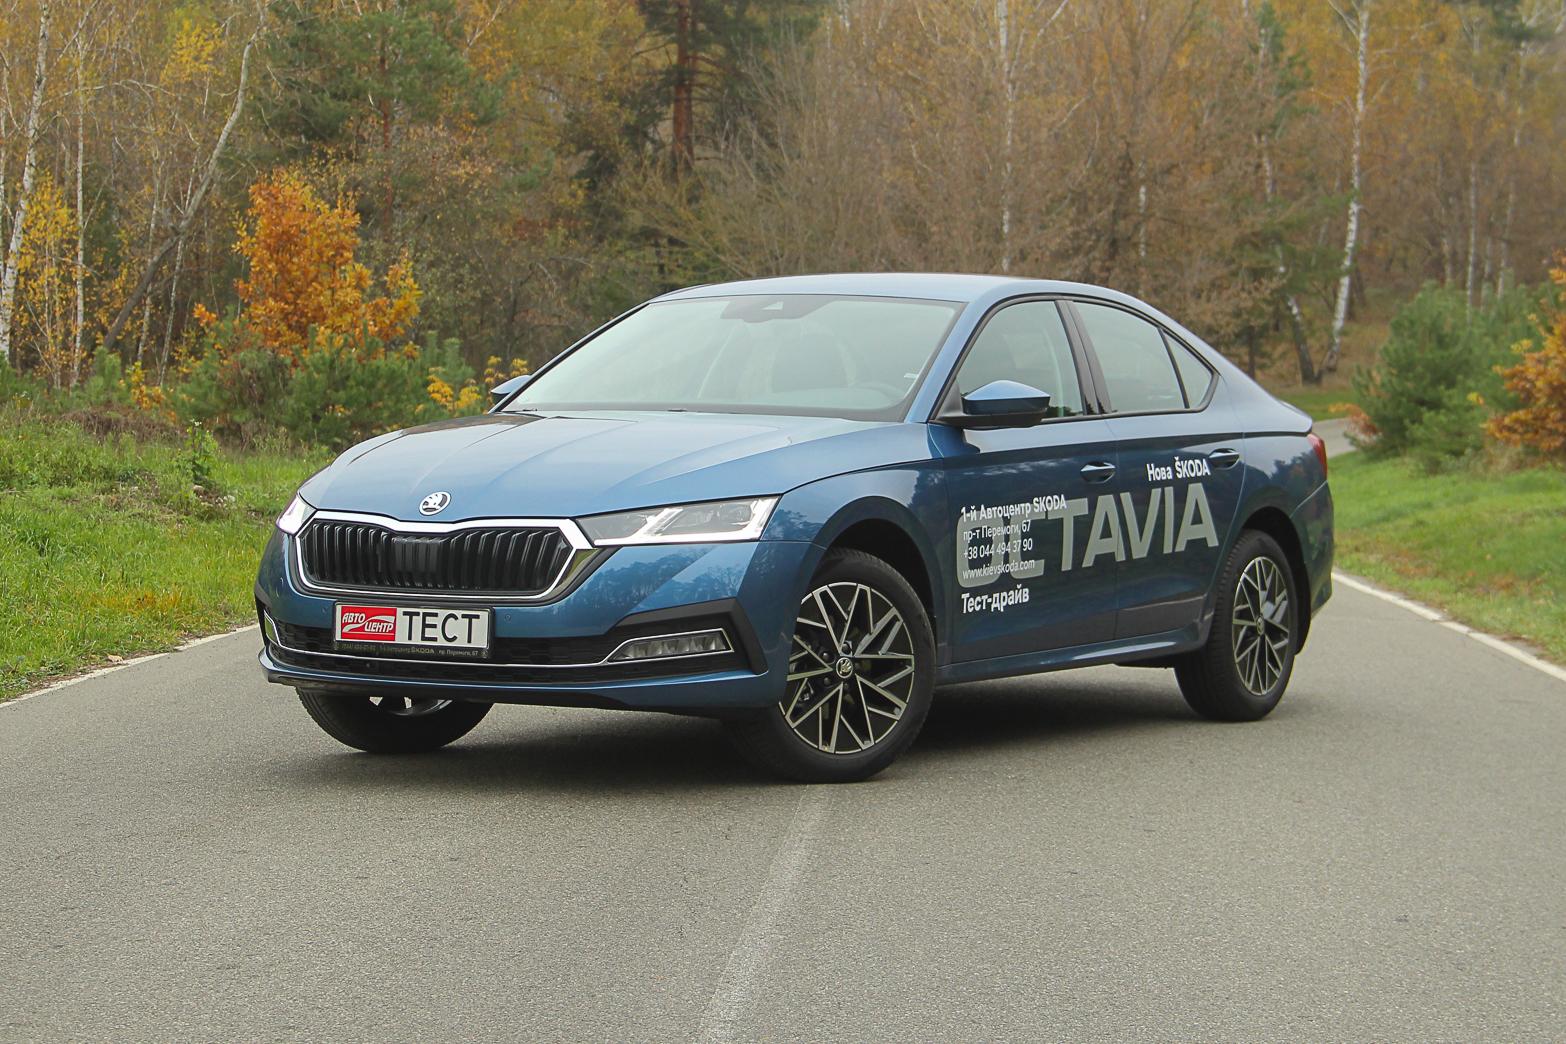 Тест-драйв Skoda Octavia A8: первые испытания украинскими дорогами (видео)